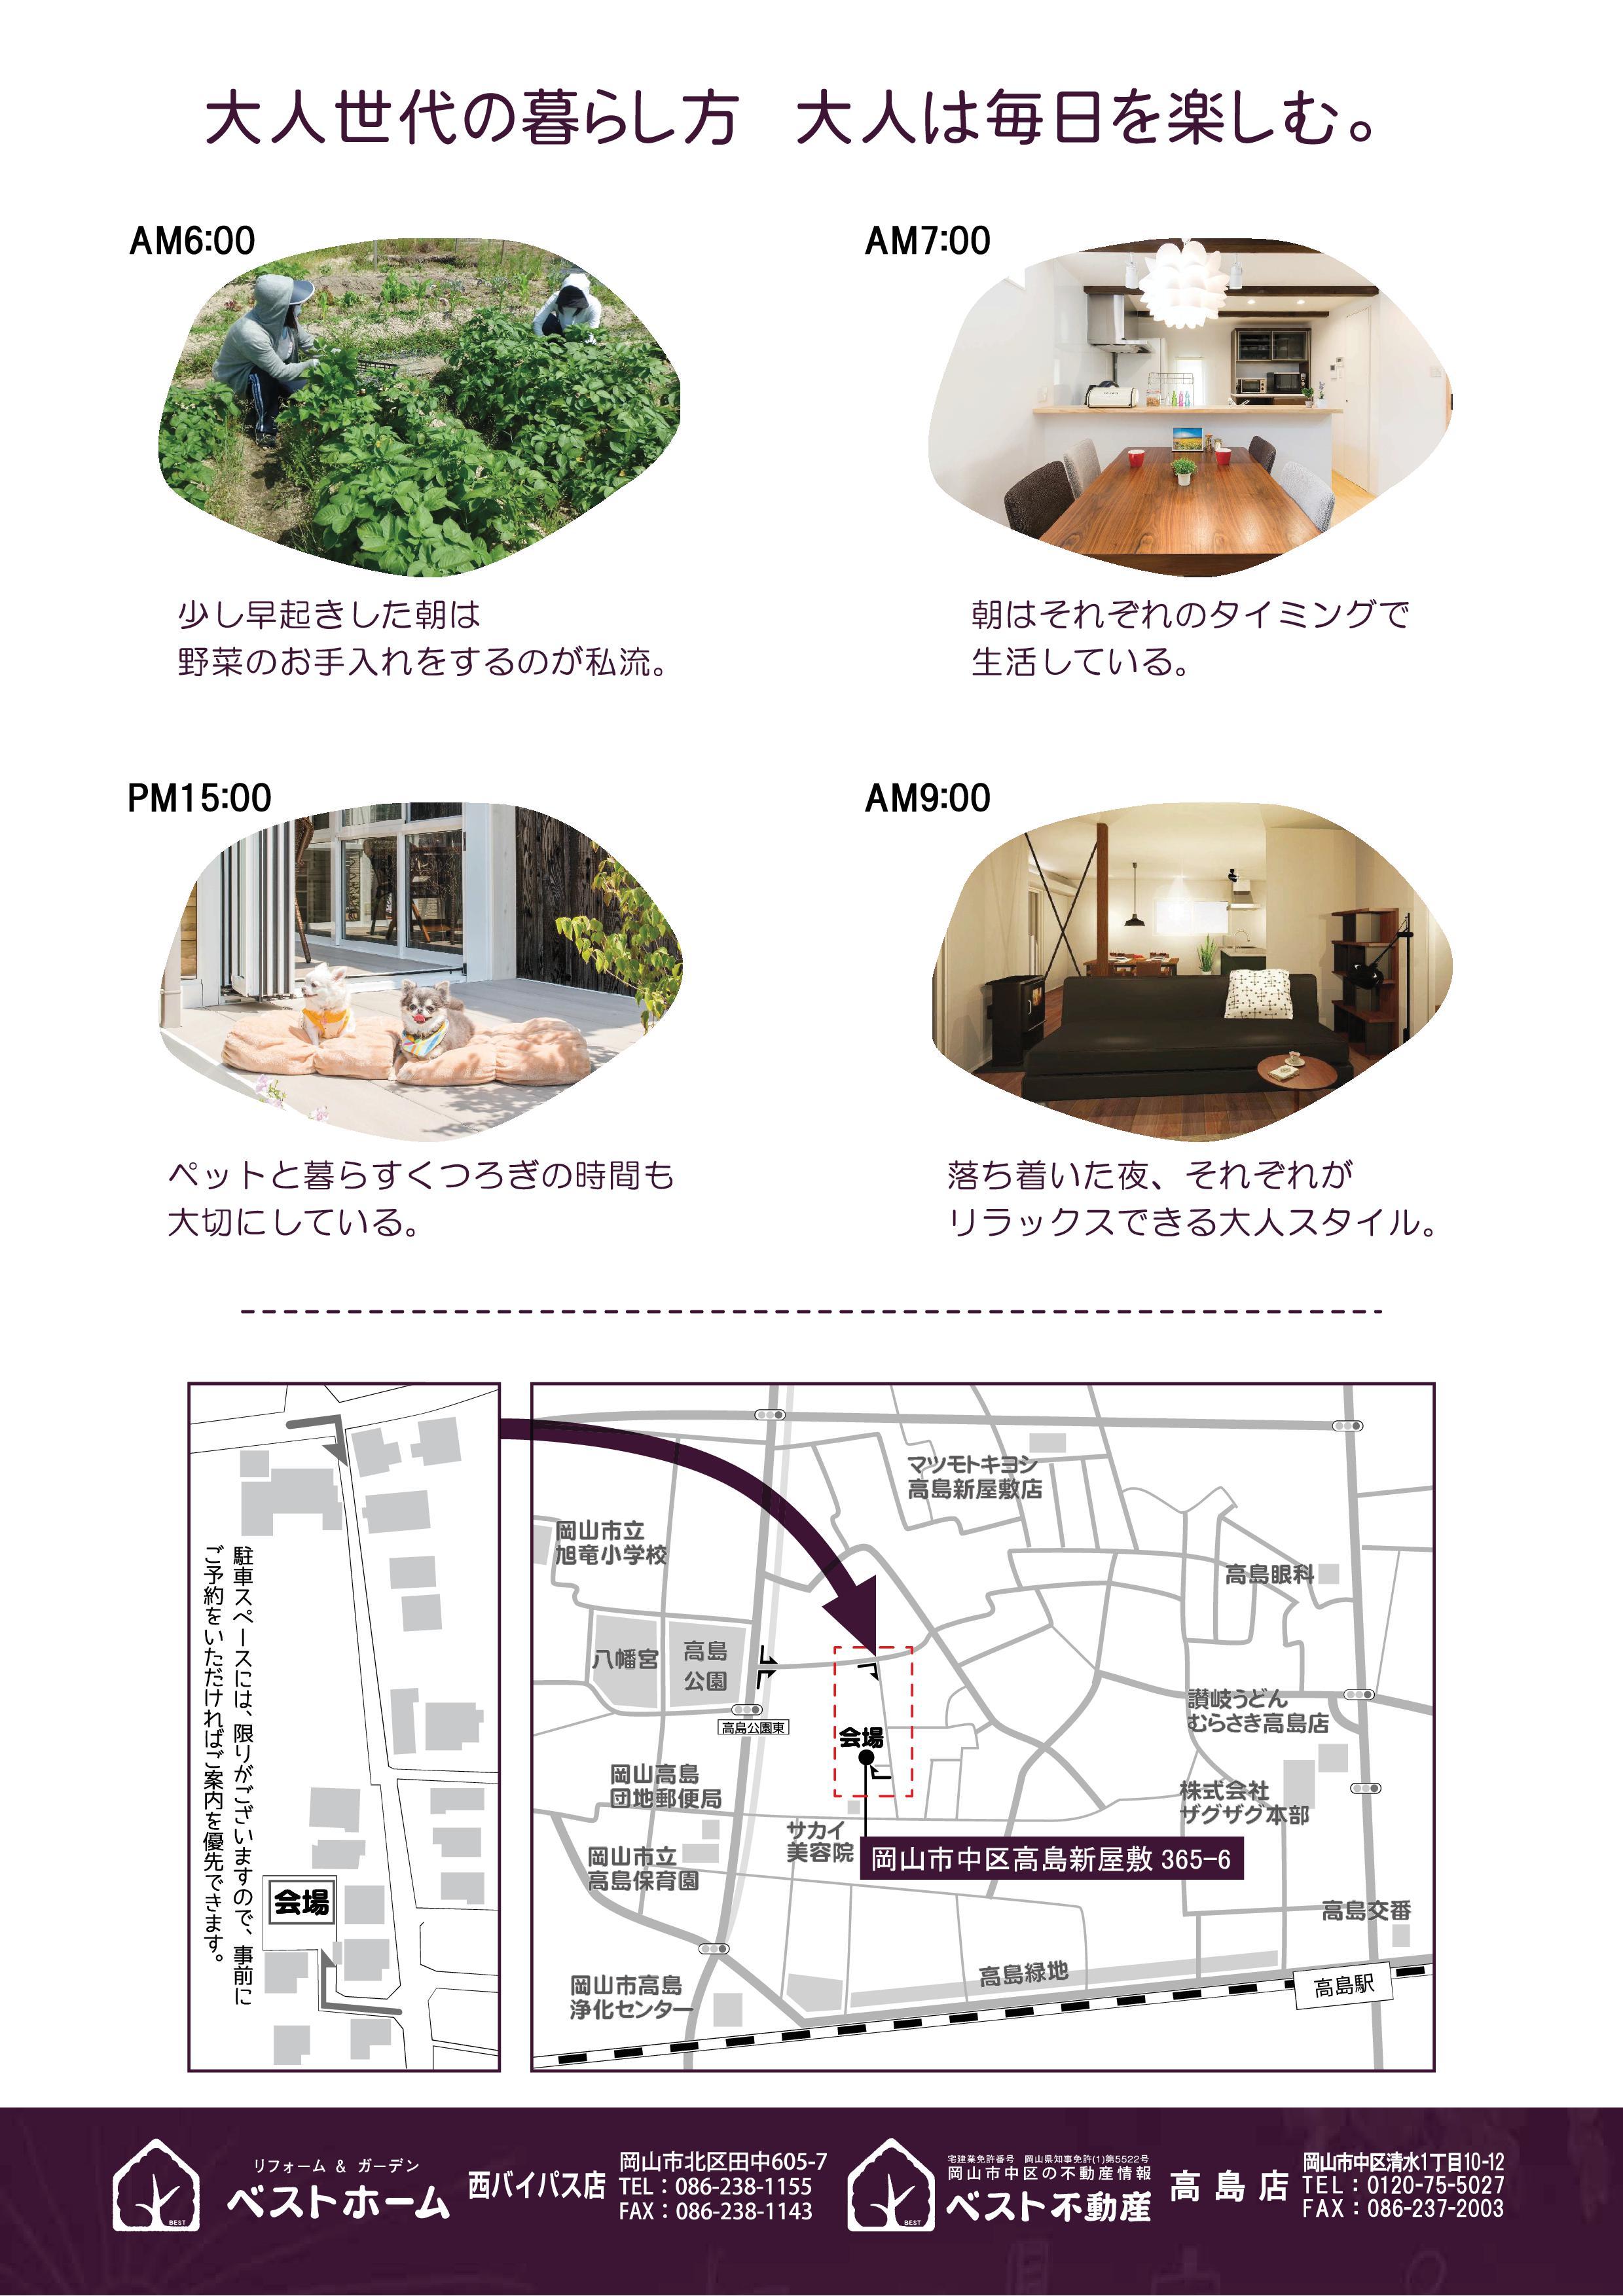 オープンハウス最新チラシ-2-002